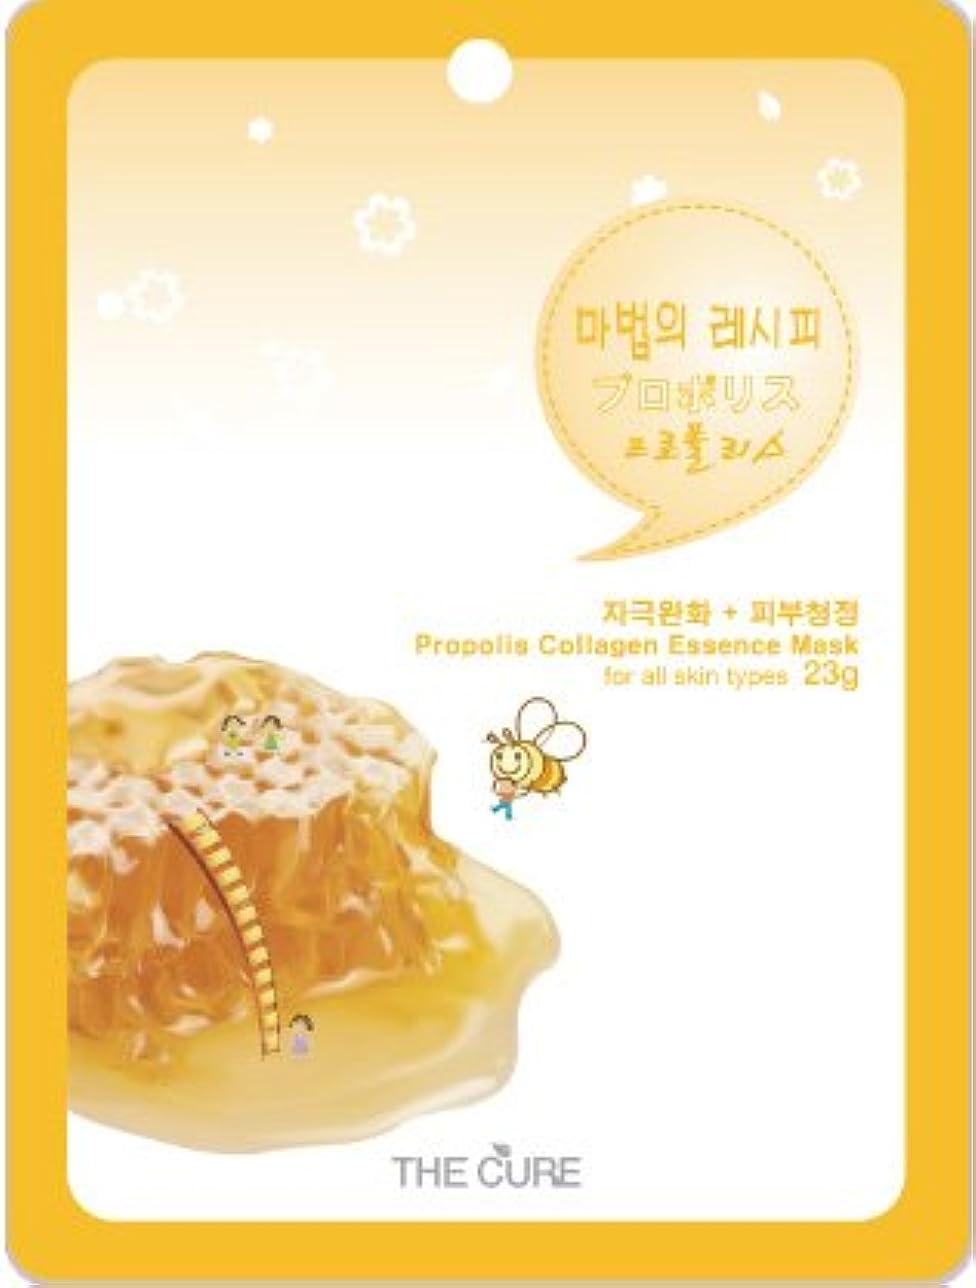 アイスクリームと闘うベーカリープロポリス コラーゲン エッセンス マスク THE CURE シート パック 10枚セット 韓国 コスメ 乾燥肌 オイリー肌 混合肌